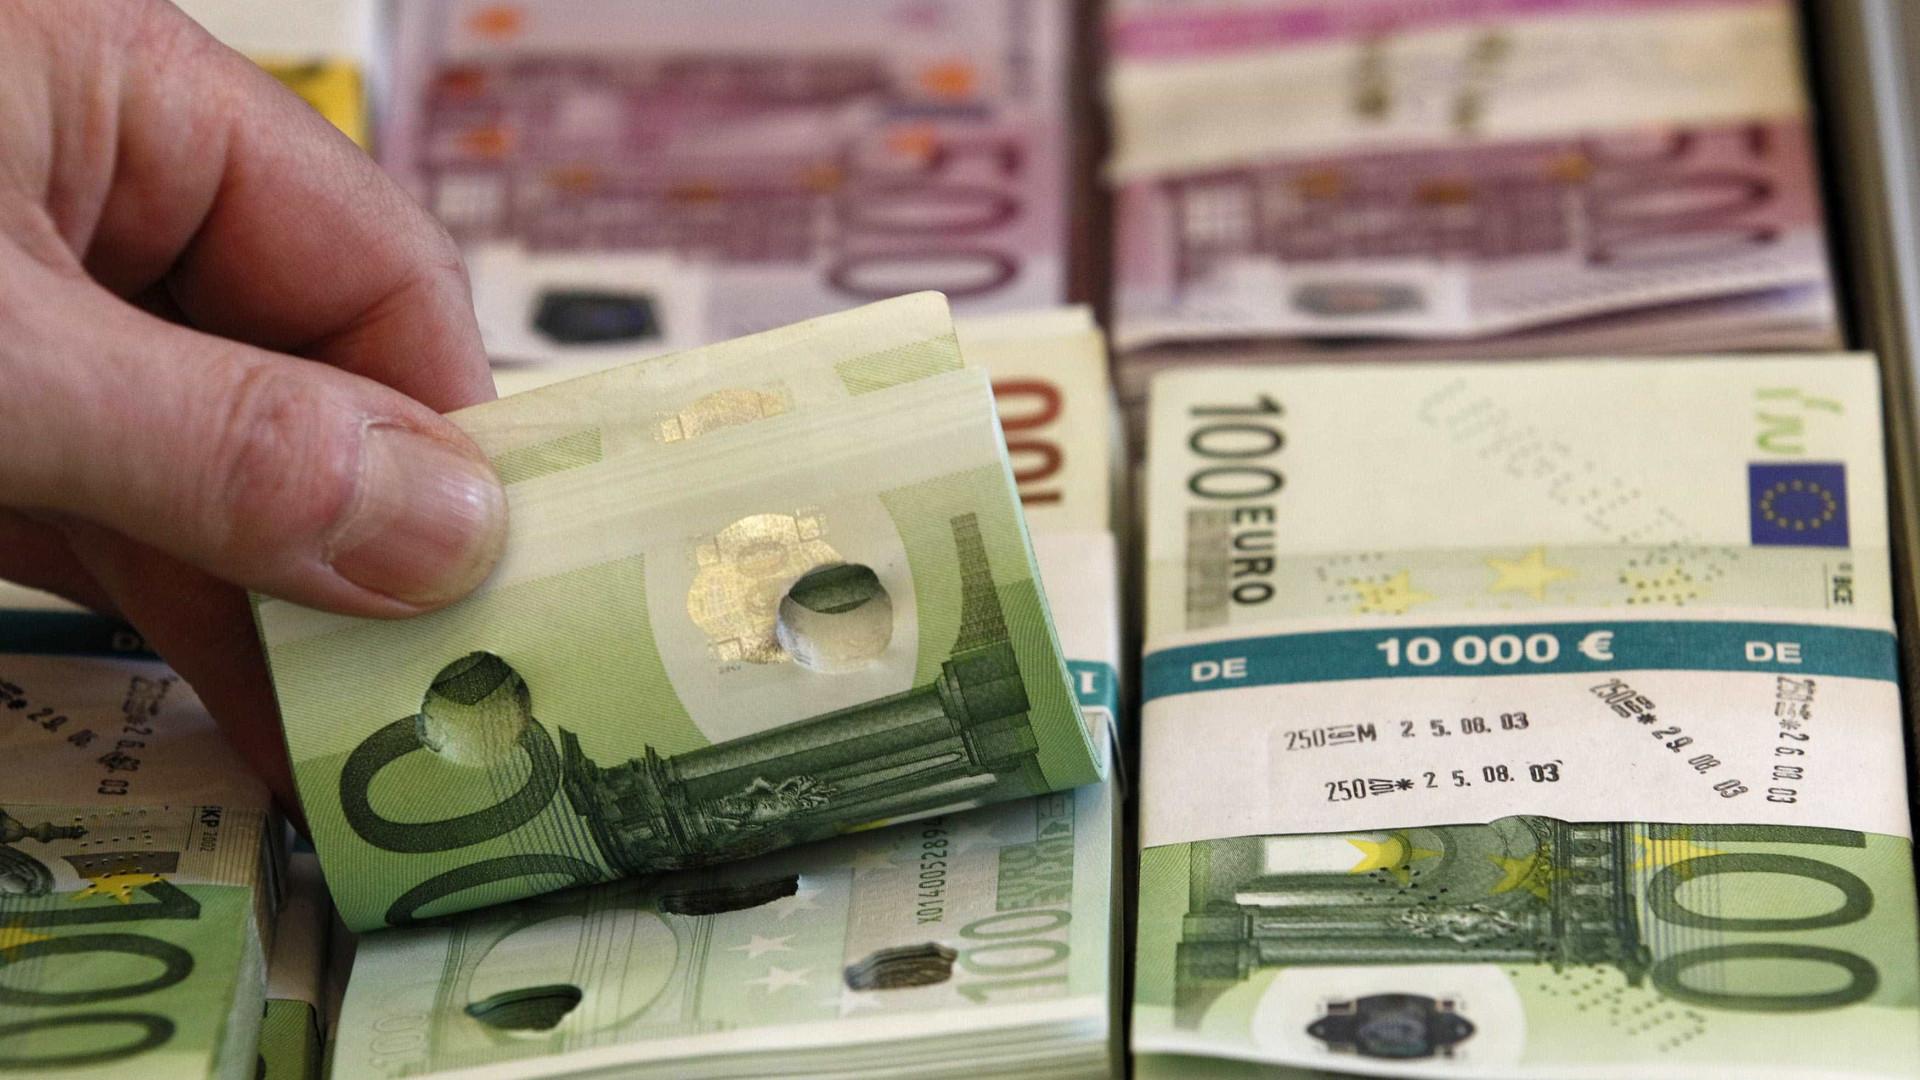 Madeira financia adaptação das empresas às novas regras de segurança